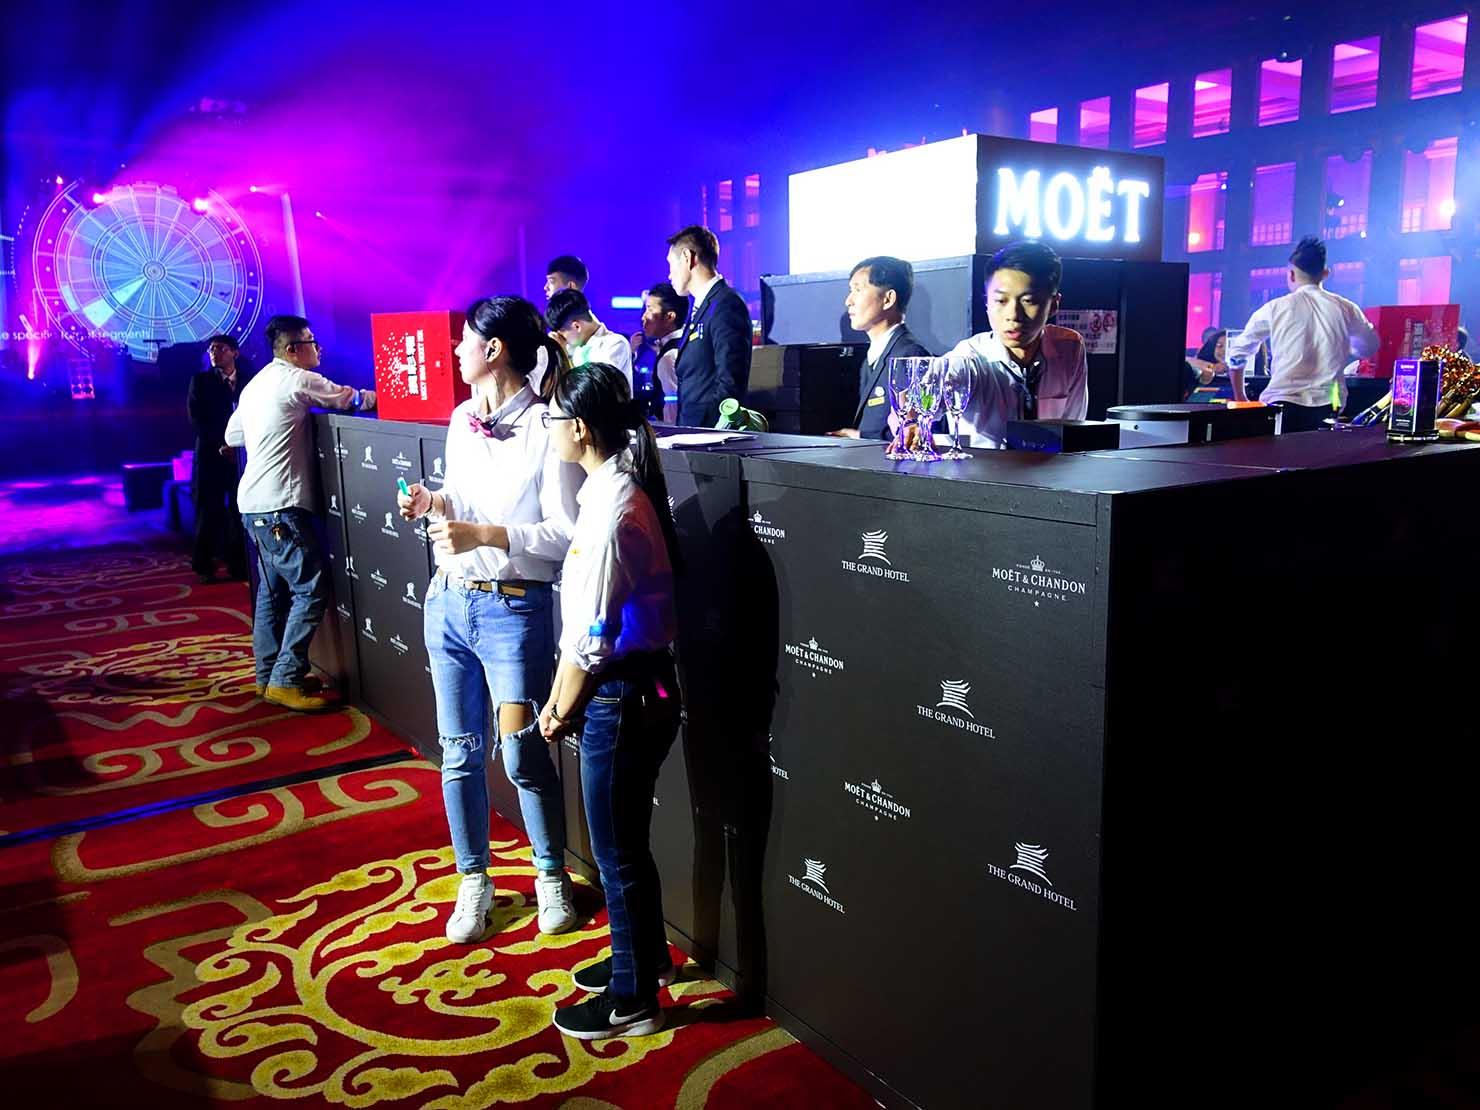 台北・圓山大飯店のカウントダウンパーティー「Bling Bling跨年派對」会場のバーカウンター